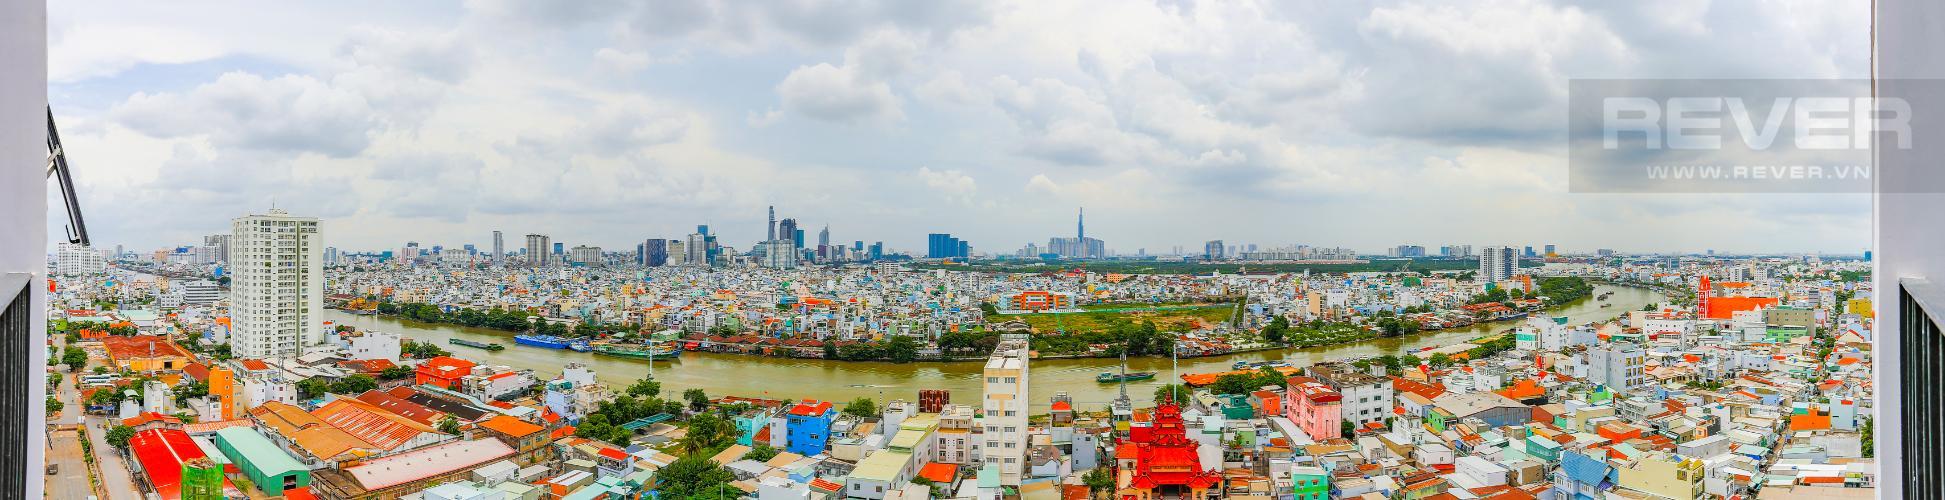 View Căn hộ M-One Nam Sài Gòn 2 phòng ngủ tầng thấp T1 đầy đủ nội thất